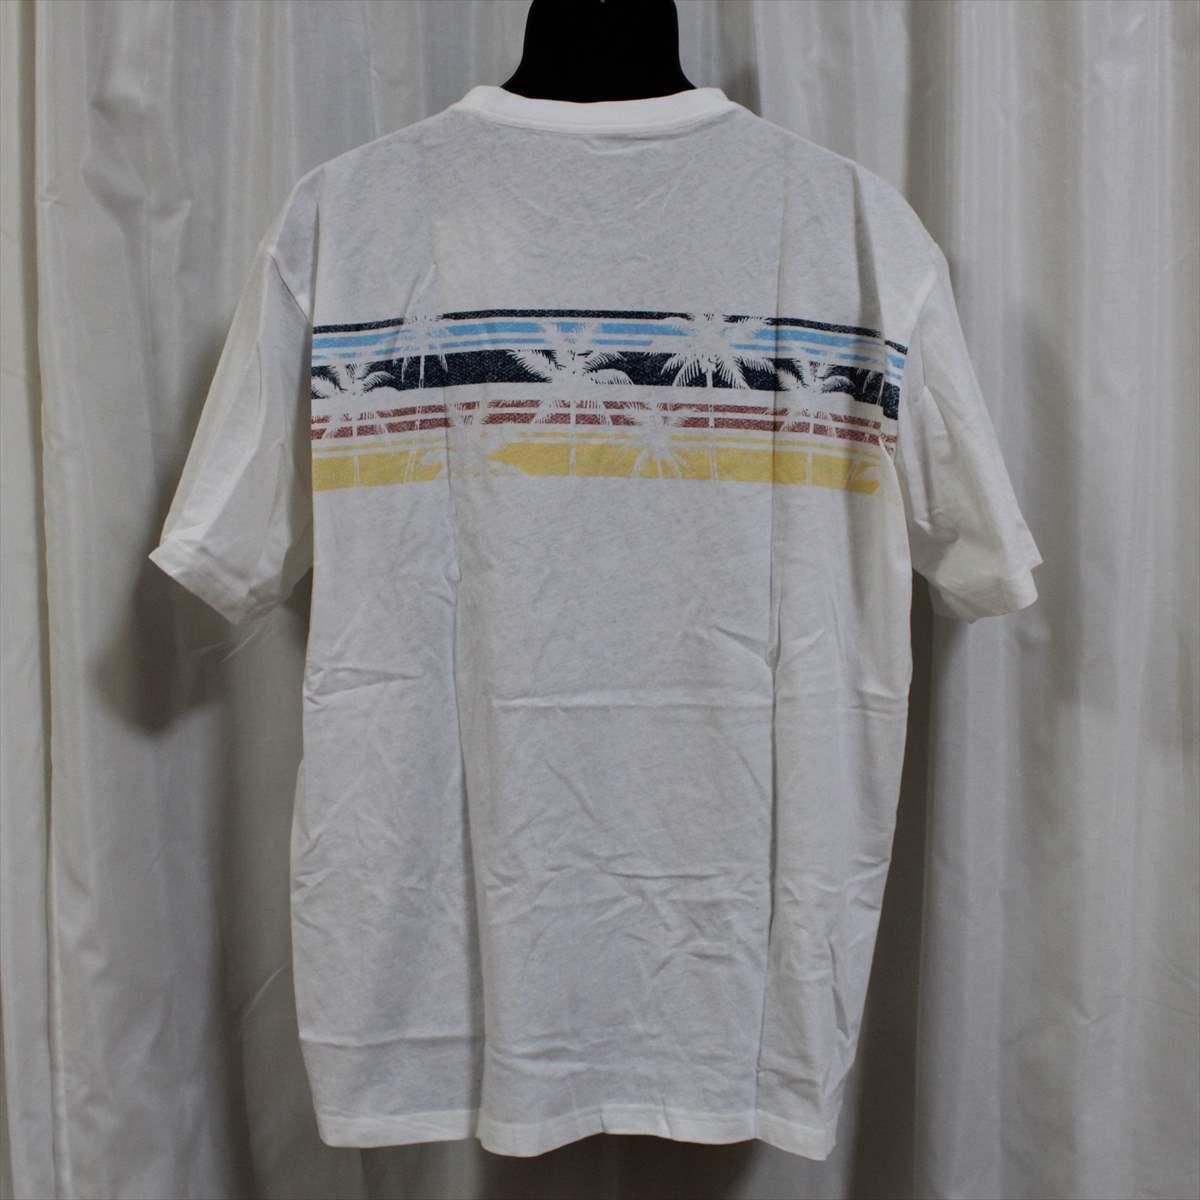 ピコ PIKO メンズ半袖Tシャツ ホワイト XXLサイズ 新品 白 アウトレット_画像3